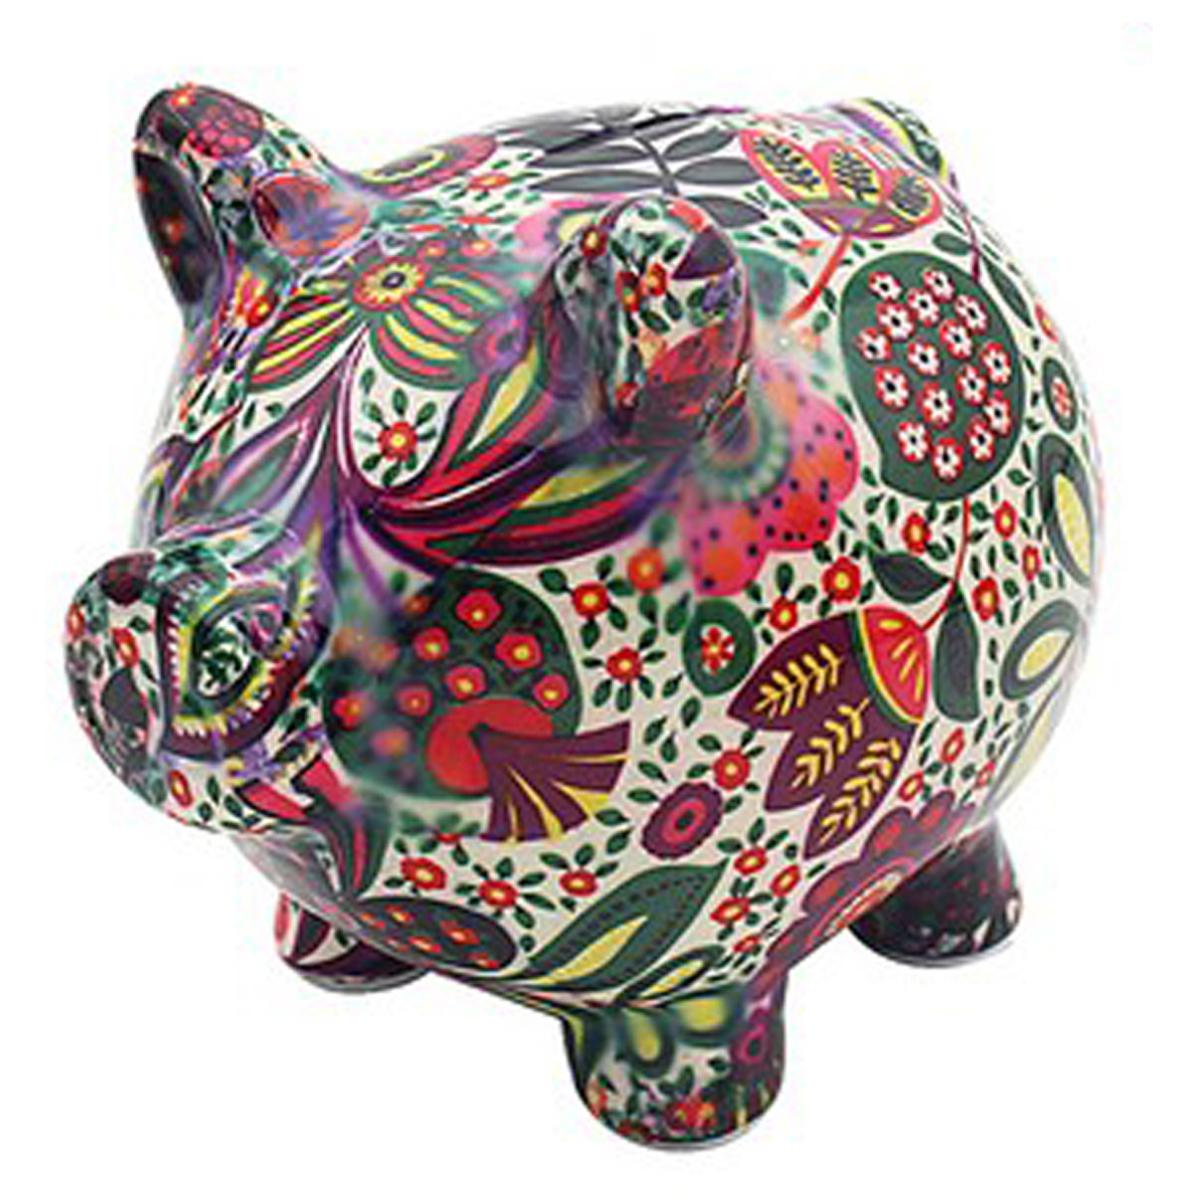 Tirelire céramique \'Cochon\' vert rouge - 15x12x12 cm - [R2708]